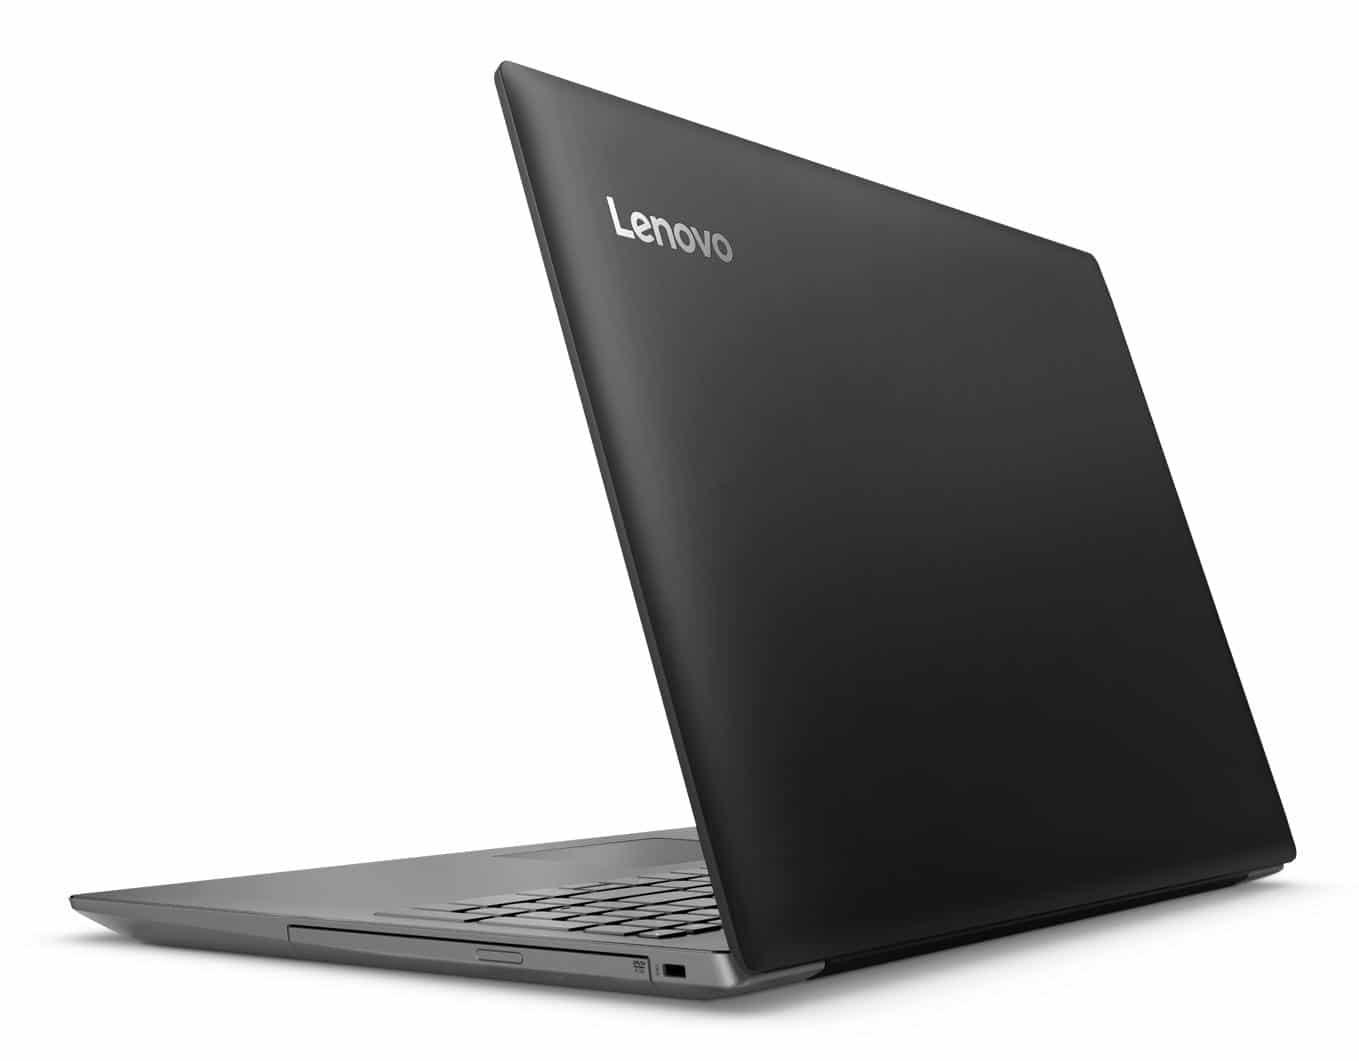 Lenovo IdeaPad 320-15ABR, PC portable 15 pouces bureautique SSD Full A10 à 665€